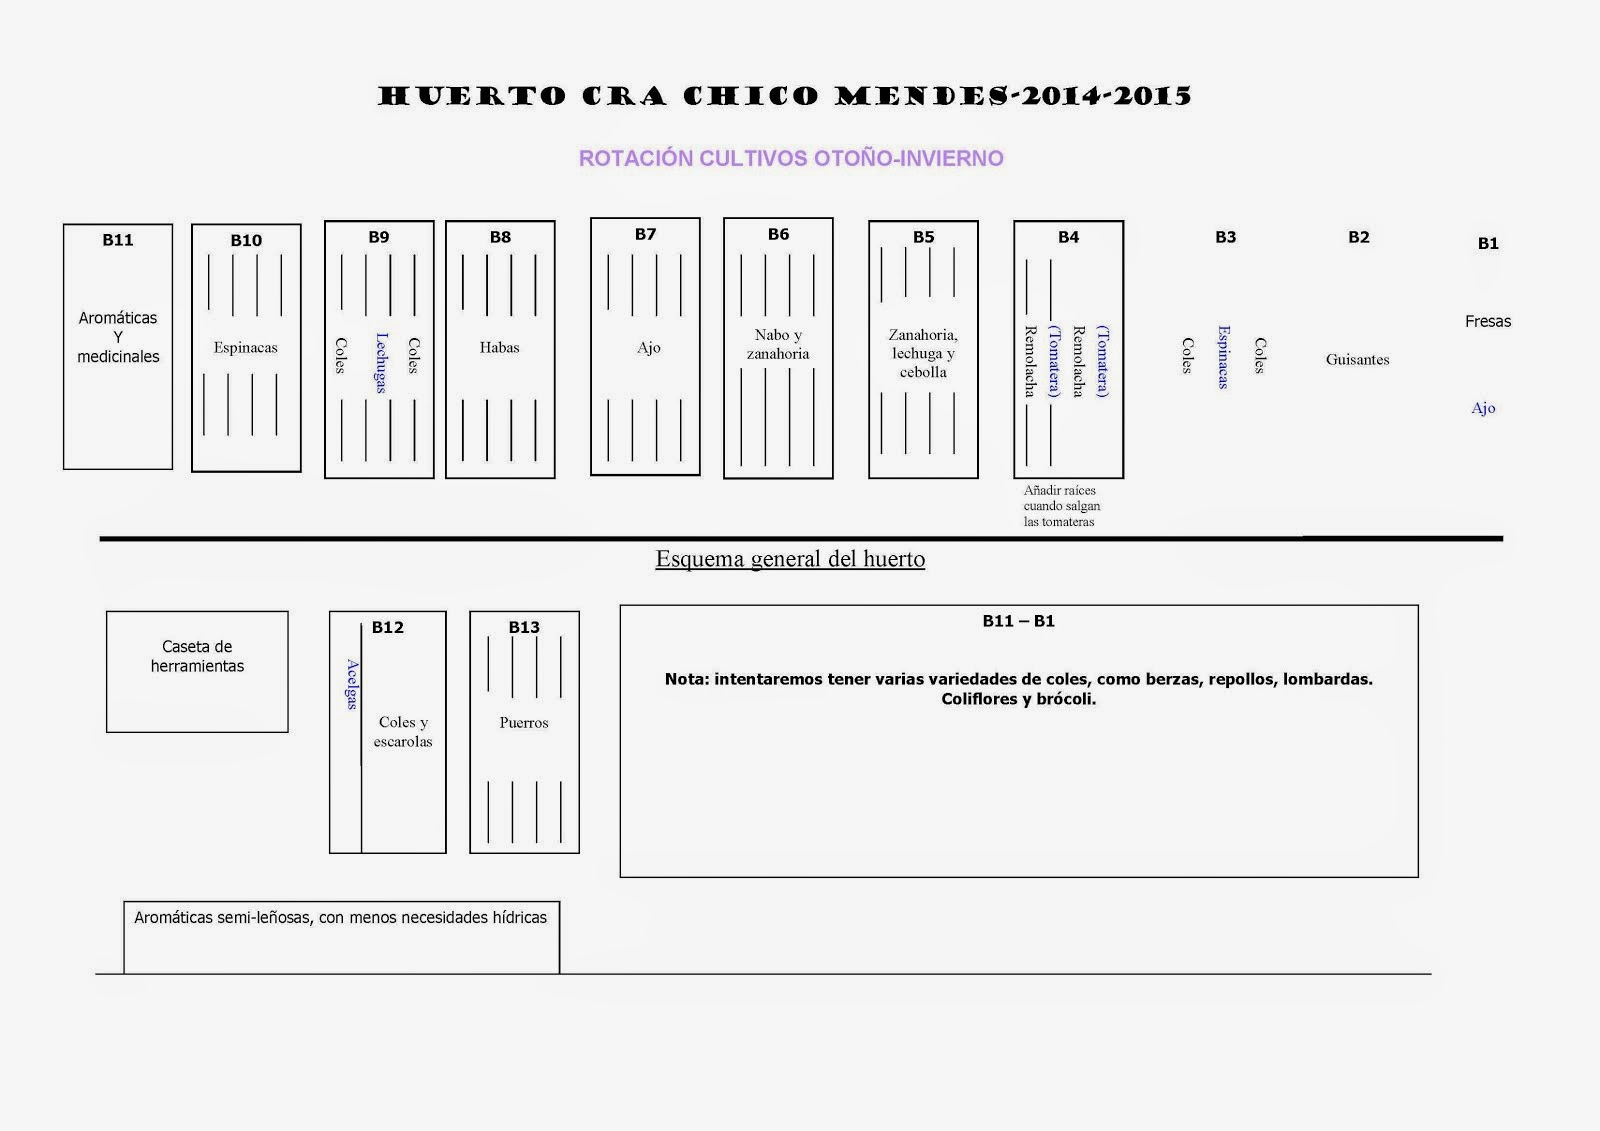 PLANIFICACION OTOÑ-INVI 2014-2015